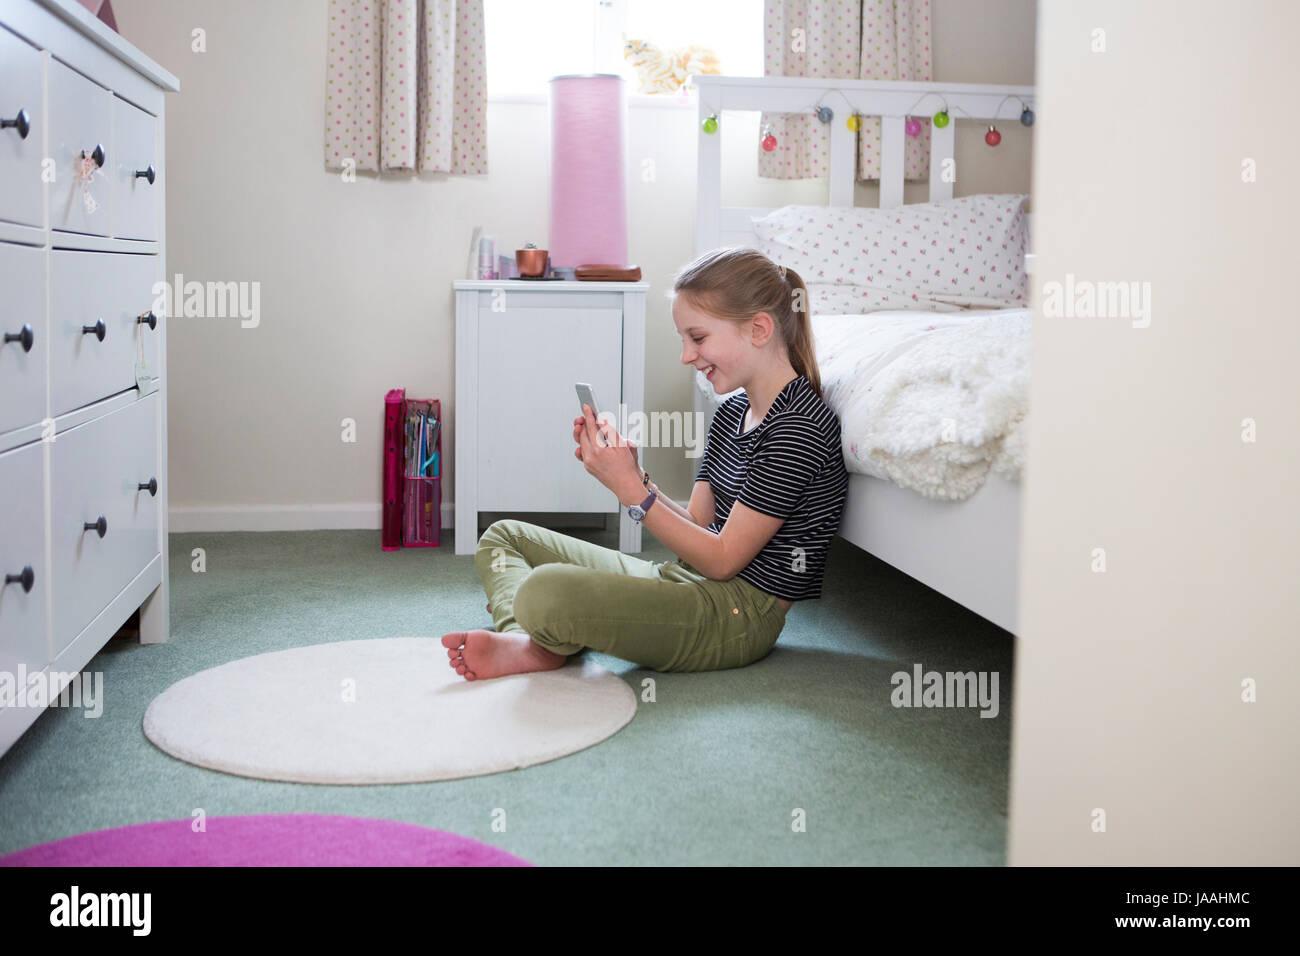 Chica sentada en el piso de la habitación a través de teléfono móvil Imagen De Stock